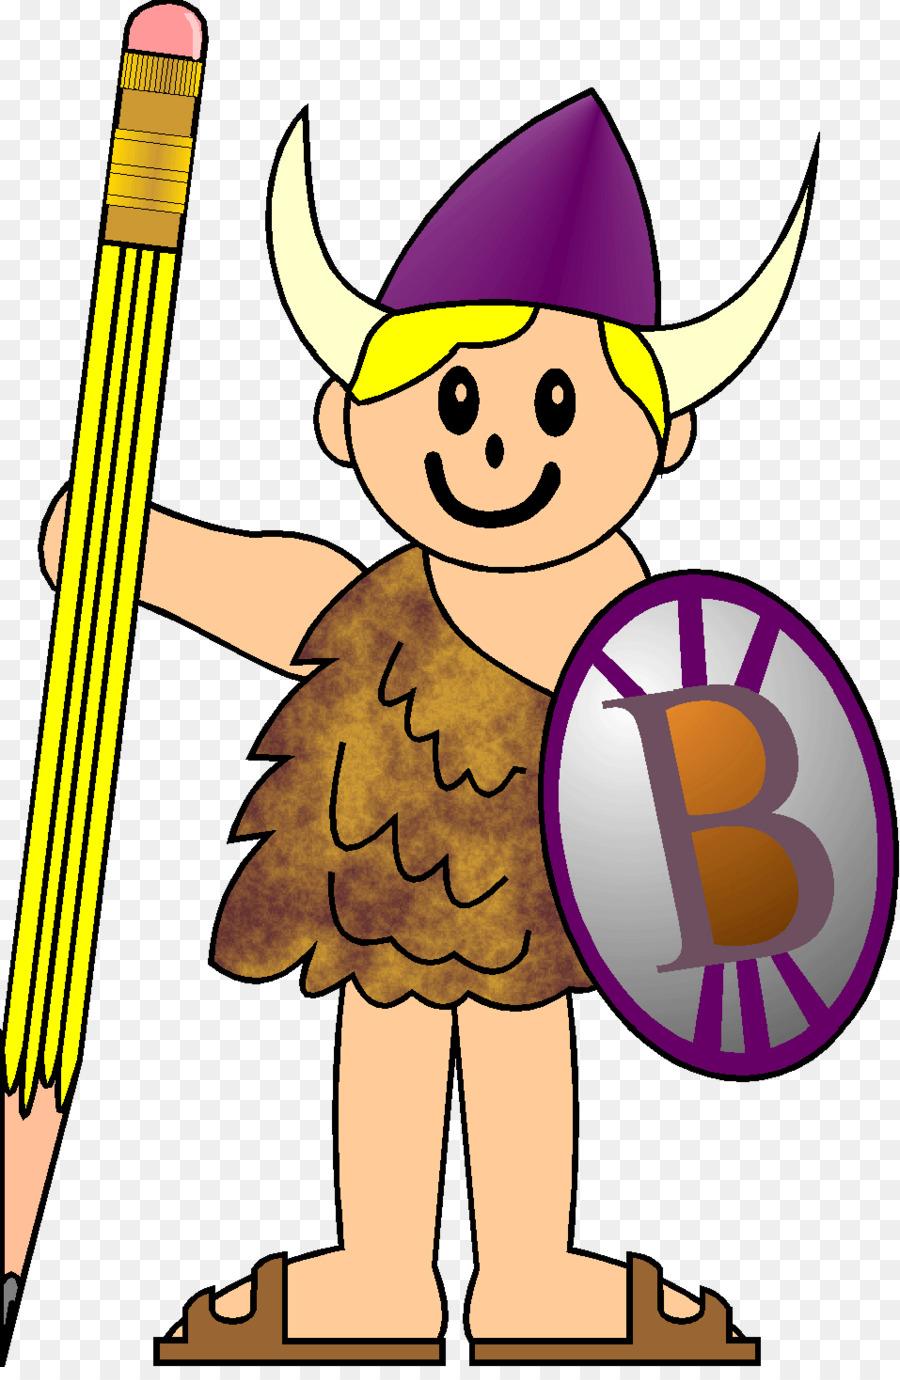 Burleigh Elementary School clipart Burleigh Elementary School Clip art